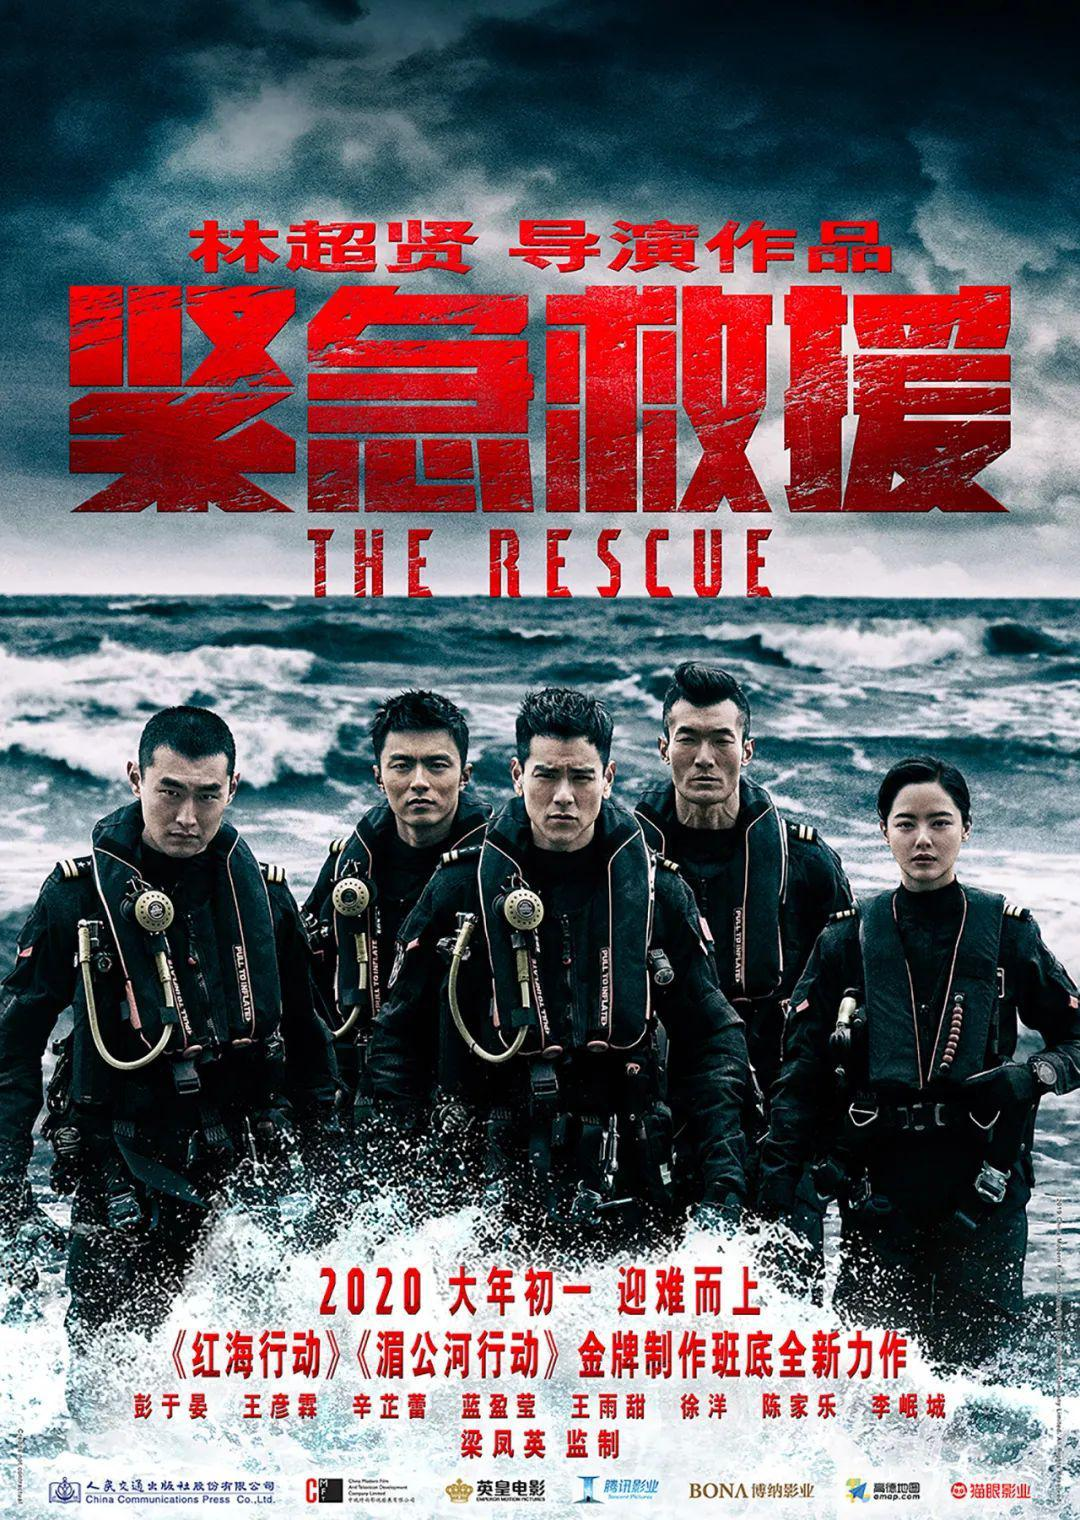 《危险声援》2020春节档定档海报